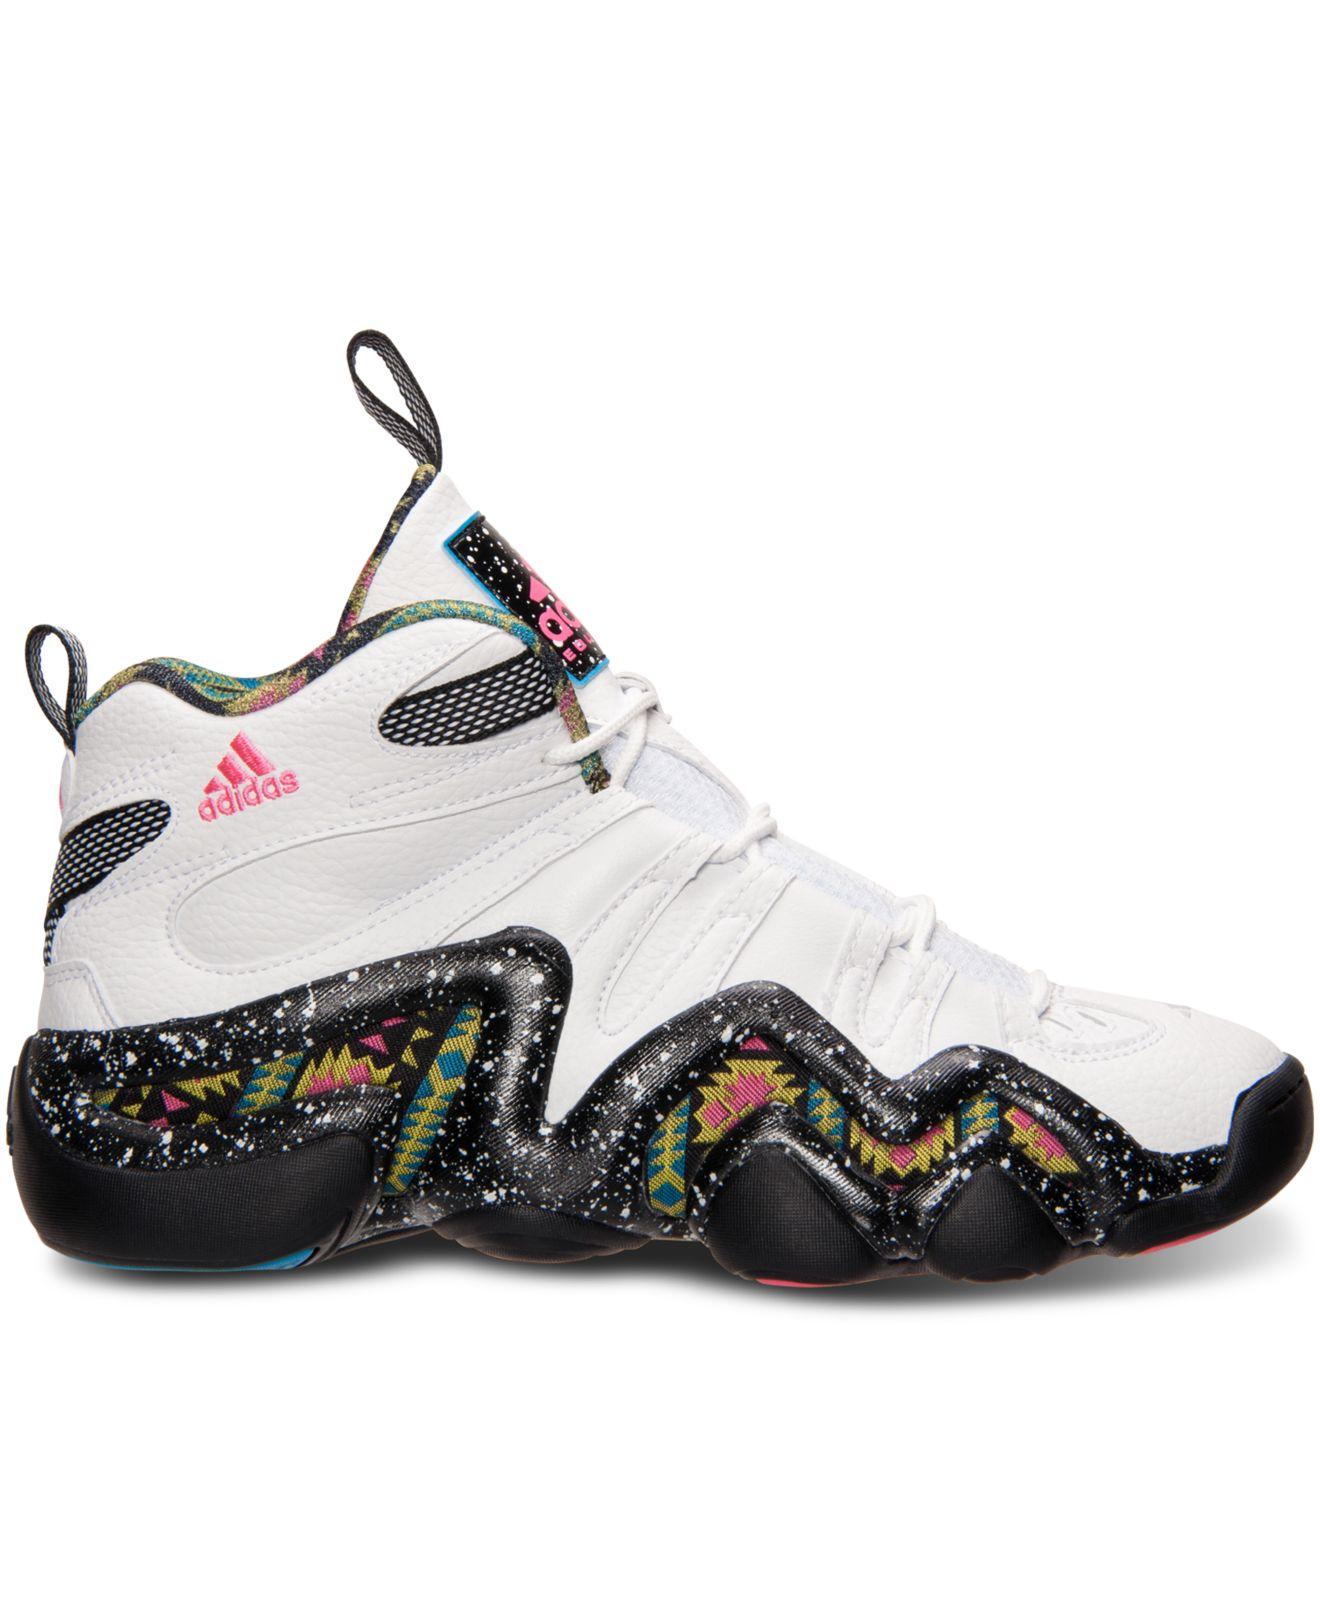 Adidas Mesh Shoes Mens